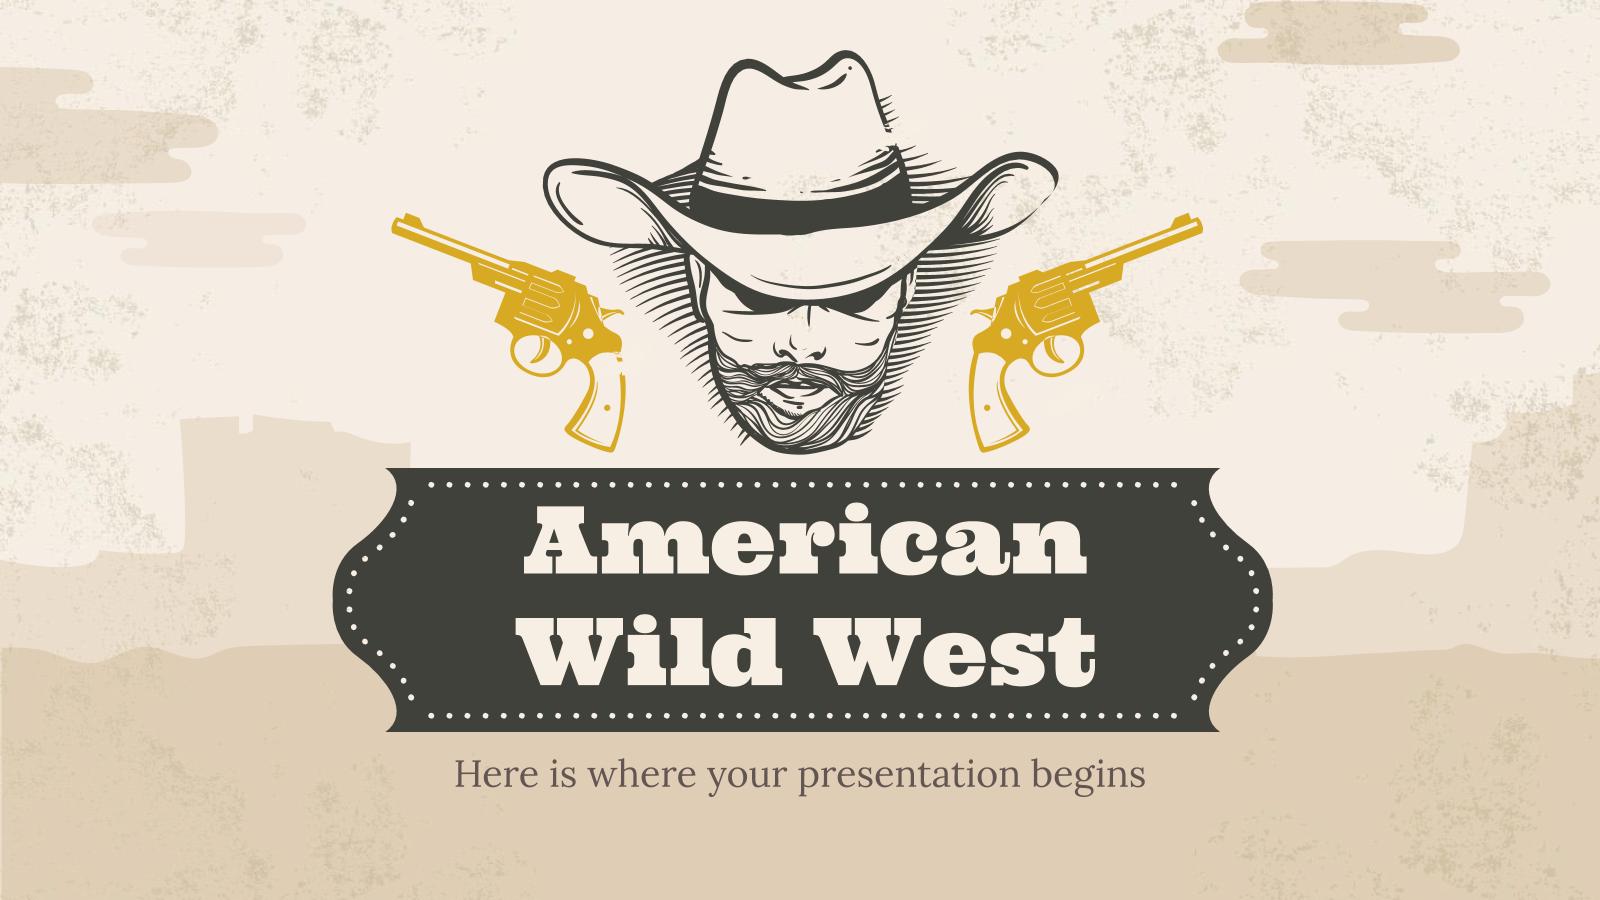 Plantilla de presentación Salvaje oeste americano